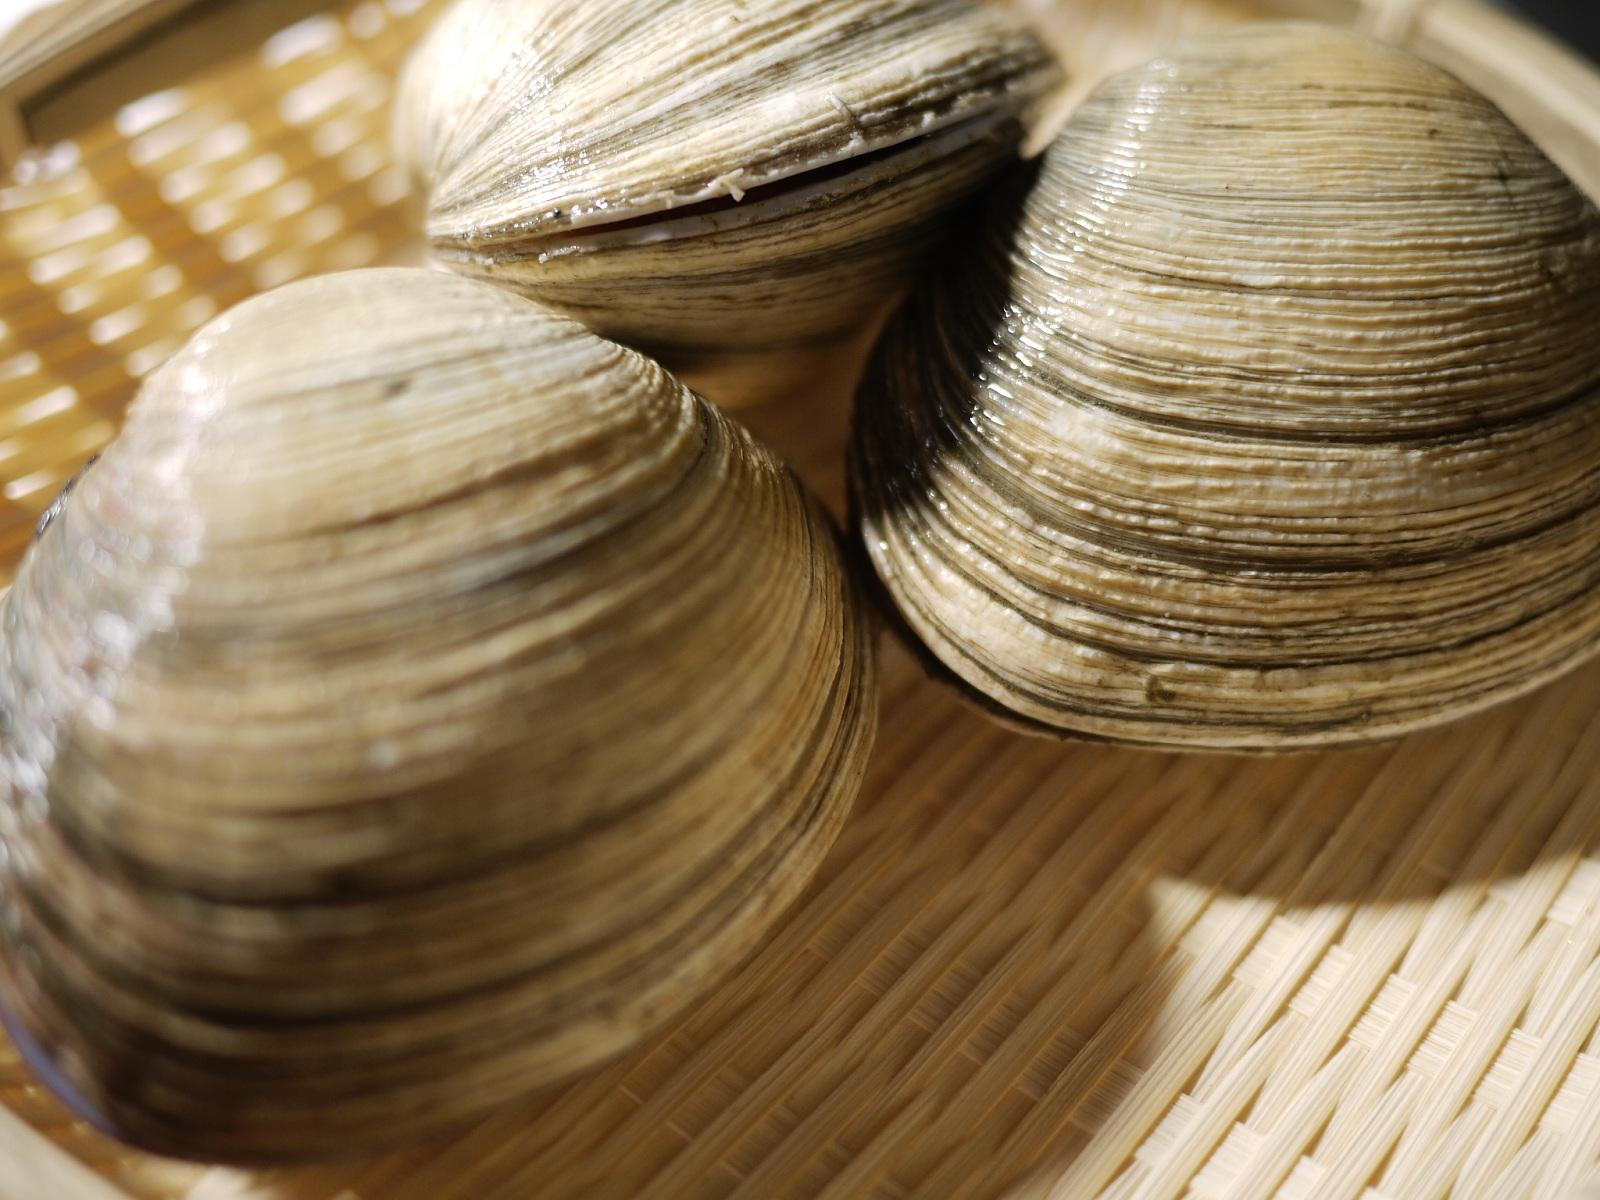 愛知 豊浜で水揚げされた三河湾の新鮮な大アサリを砂抜きをしてお届けします 送料無料 愛知県産 三河湾 活 大アサリ 前後 あさり 大あさり 2kg 値引き 10個 70%OFFアウトレット 大